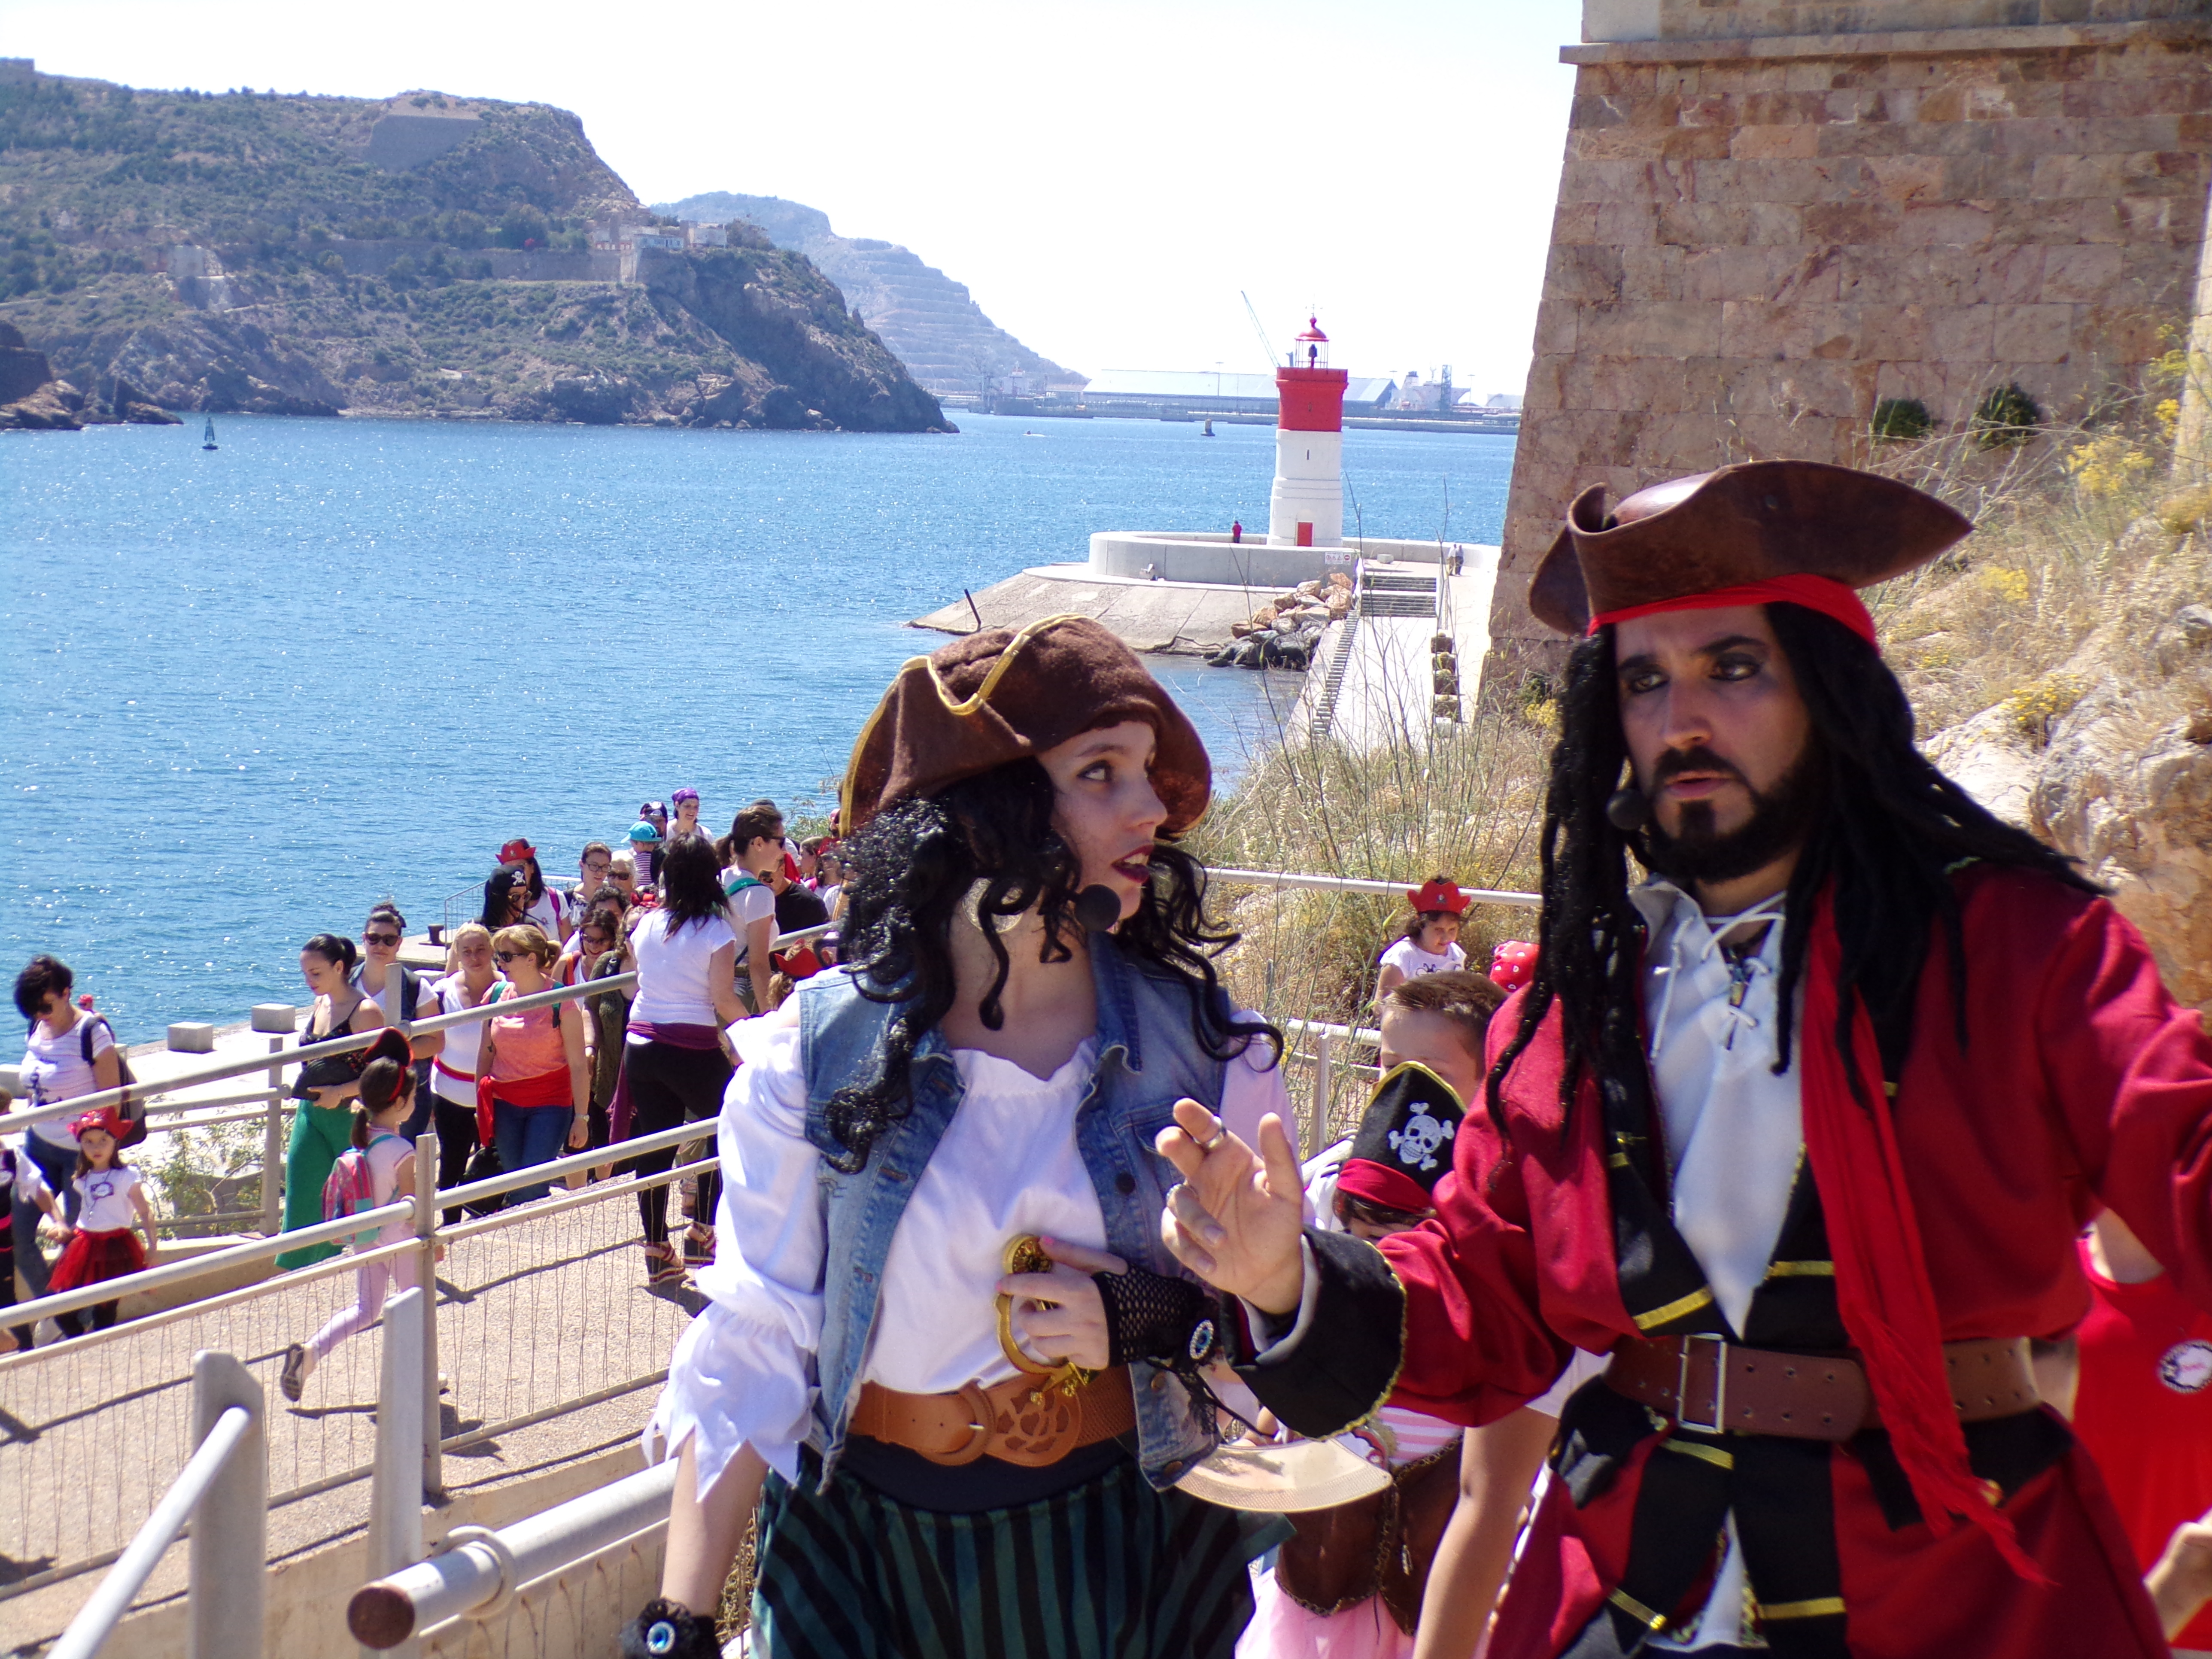 Piratas y princesas